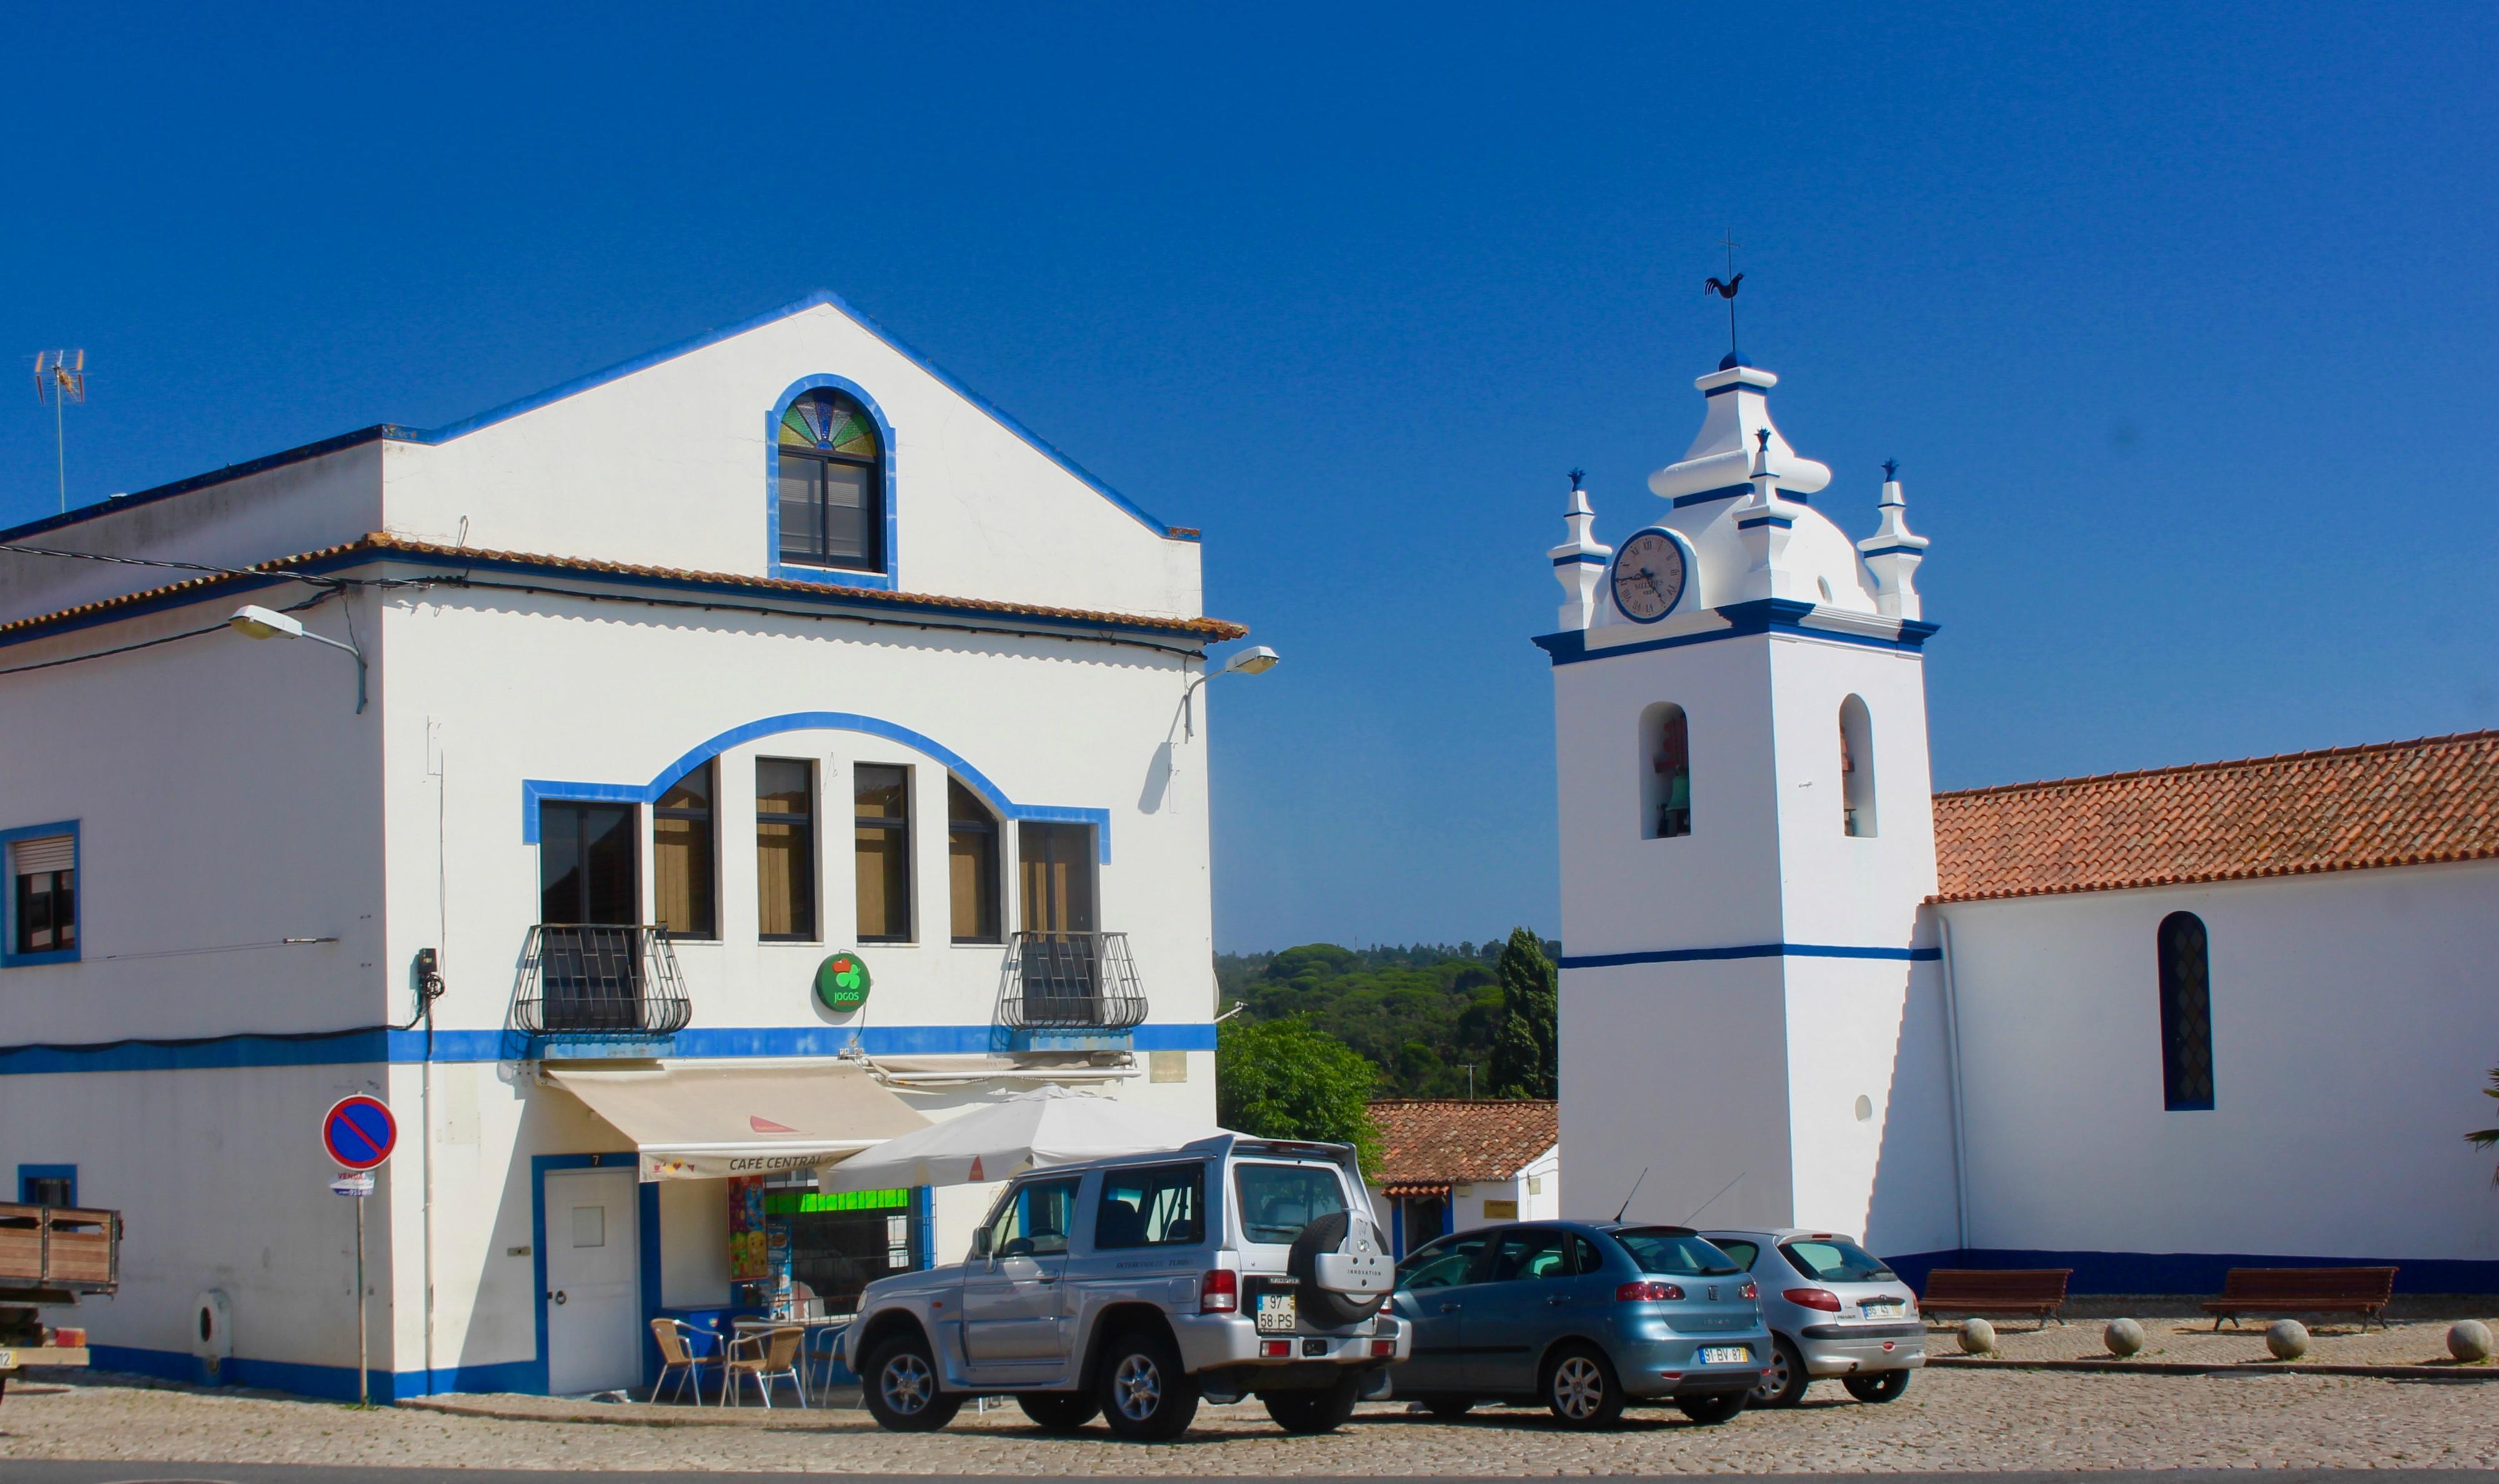 Den hyggelige landsby Melides.